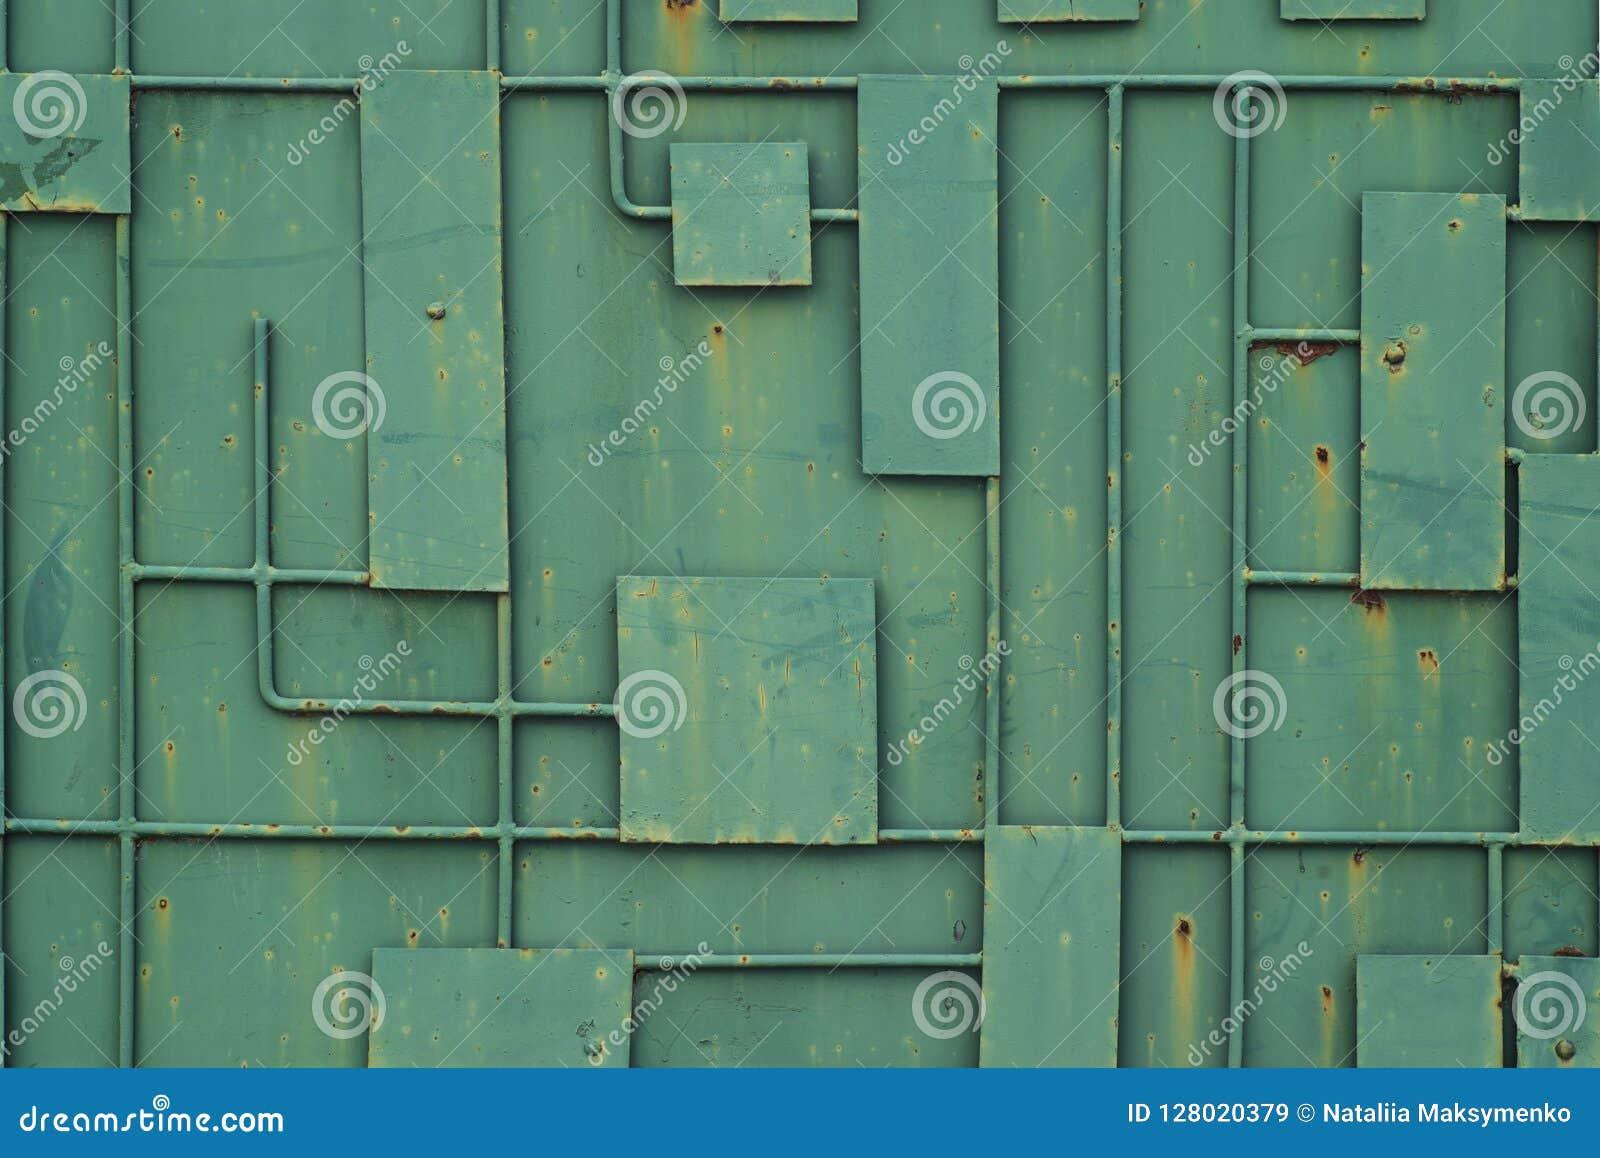 Groene ijzeromheining met een patroon van geometrische lijnen van metaal